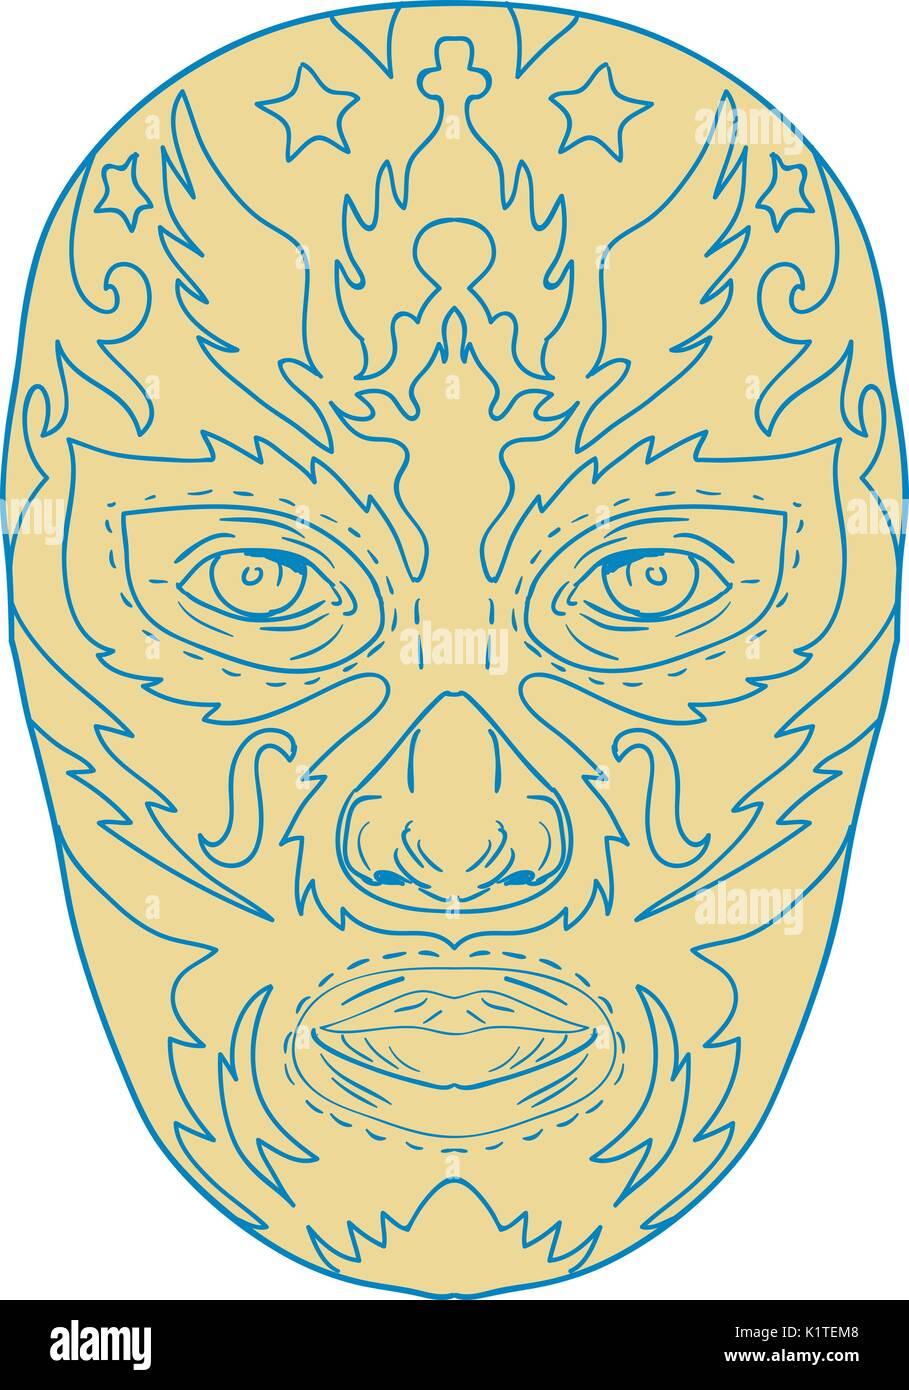 Illustration D Un Luchador Mexicain Lucha Libre Masque